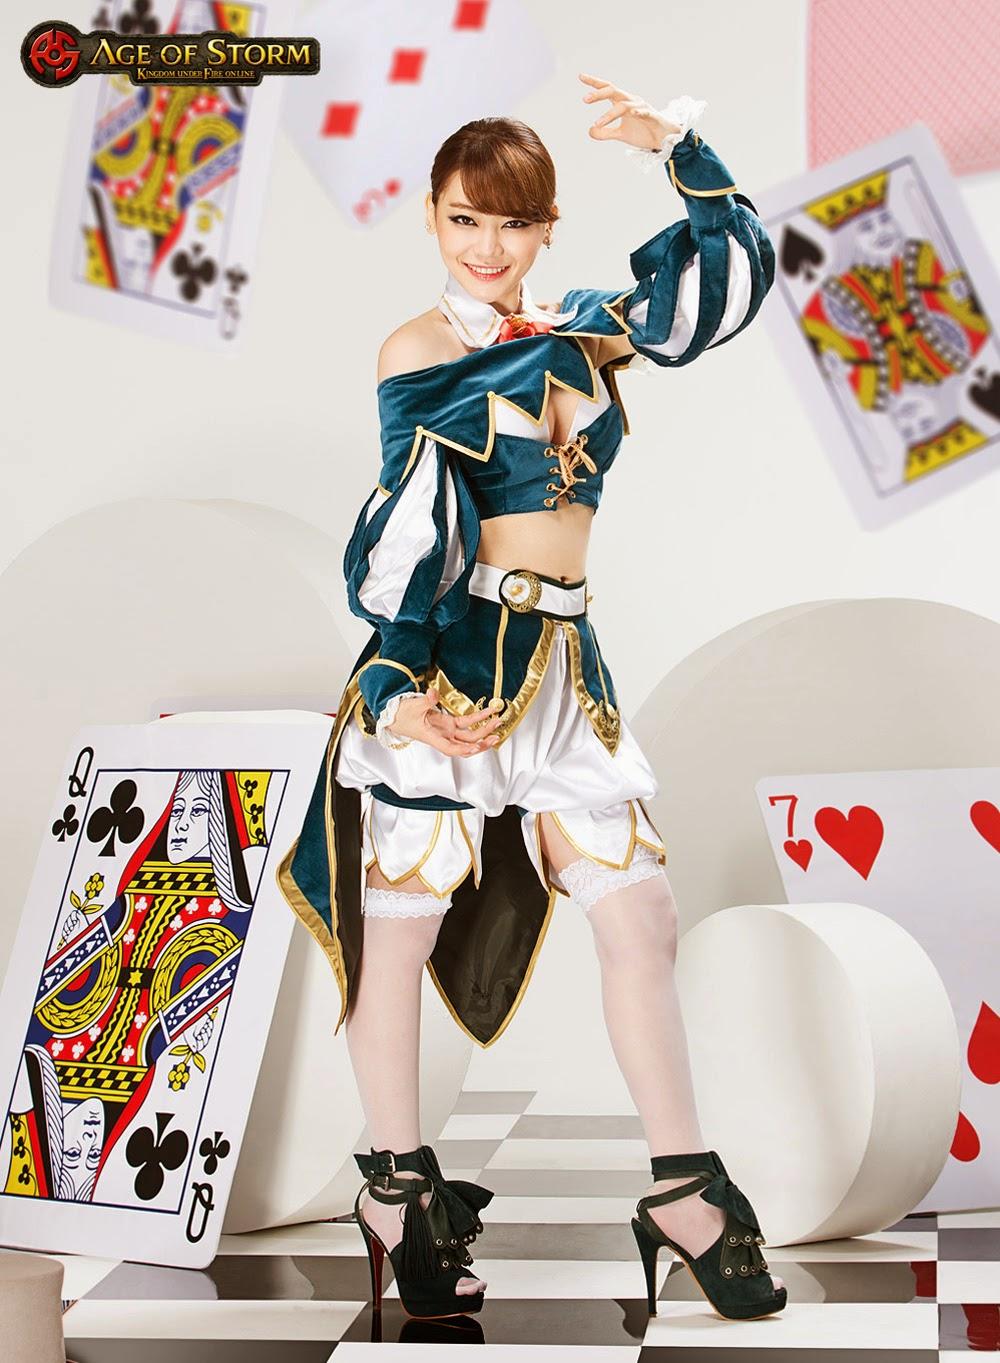 Hé lộ ảnh cosplay Age of Storm của Yuri Seo - Ảnh 4